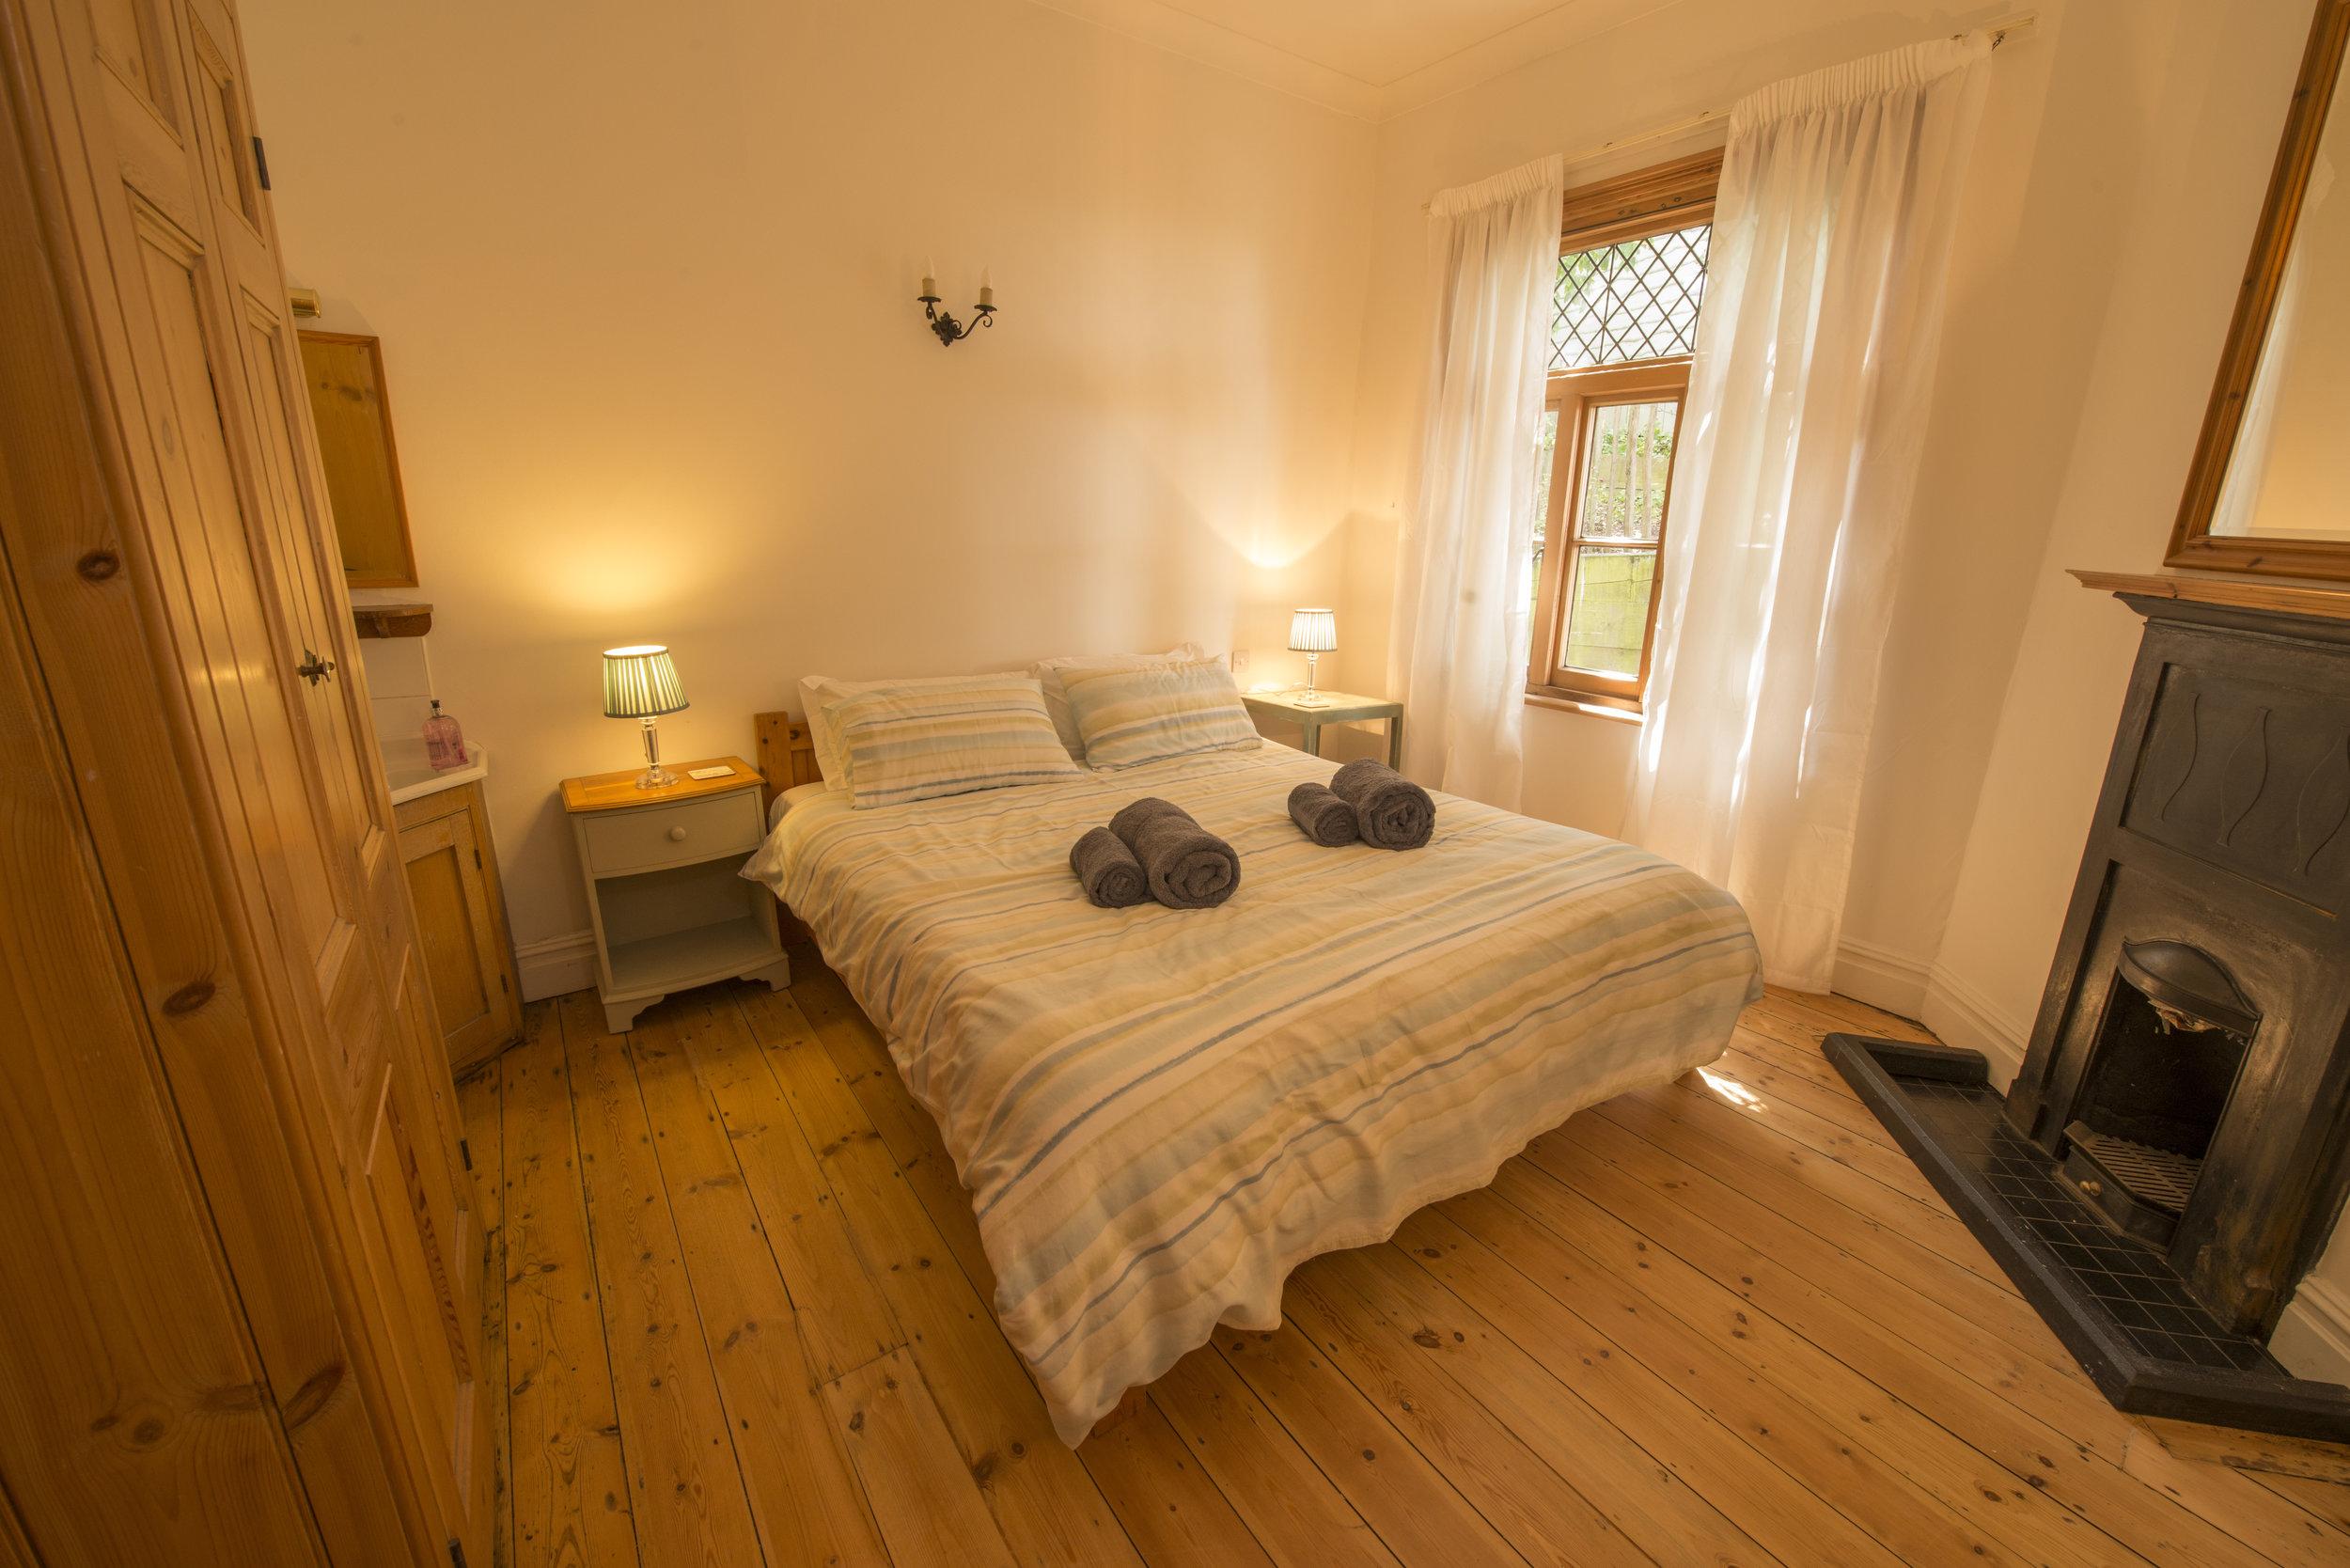 Kiora Downstairs bedroom.jpg